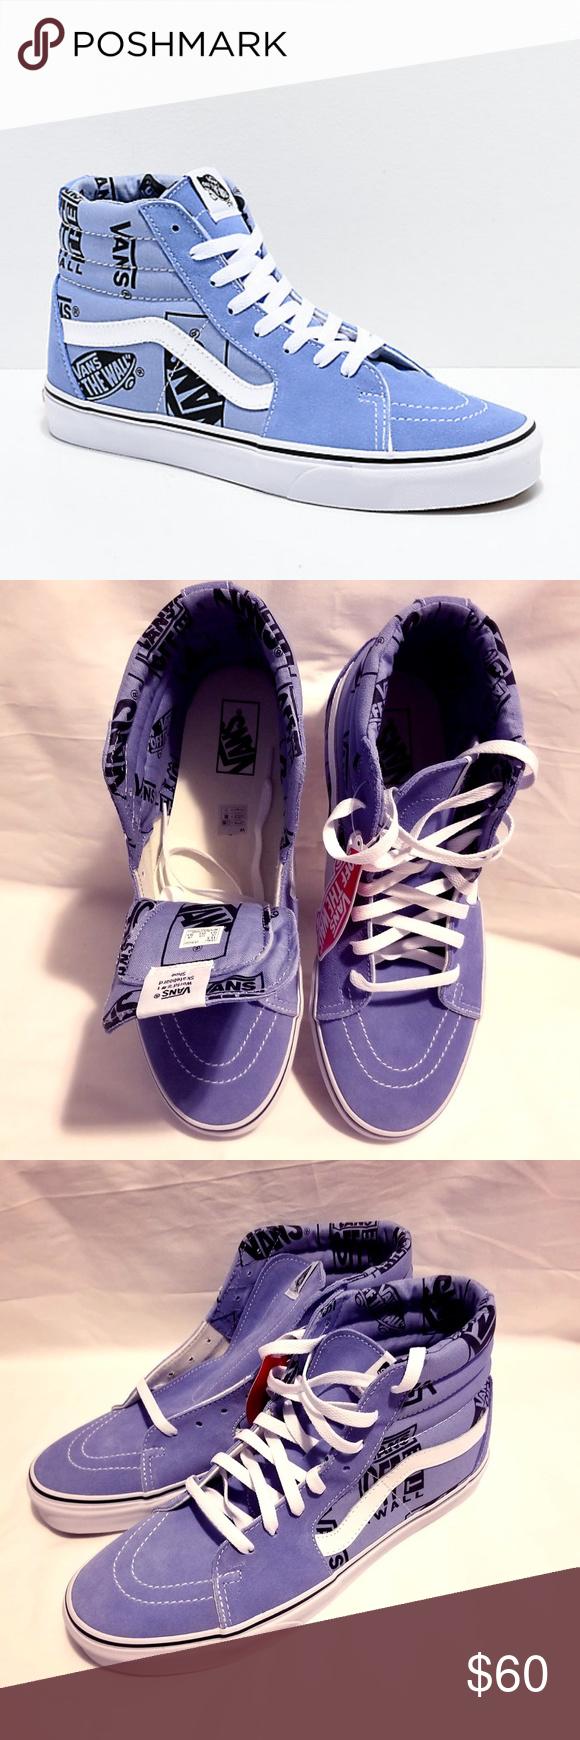 Vans Sk8 Hi Logo Mix Lavender & Black Skate Shoes Vans Sk8